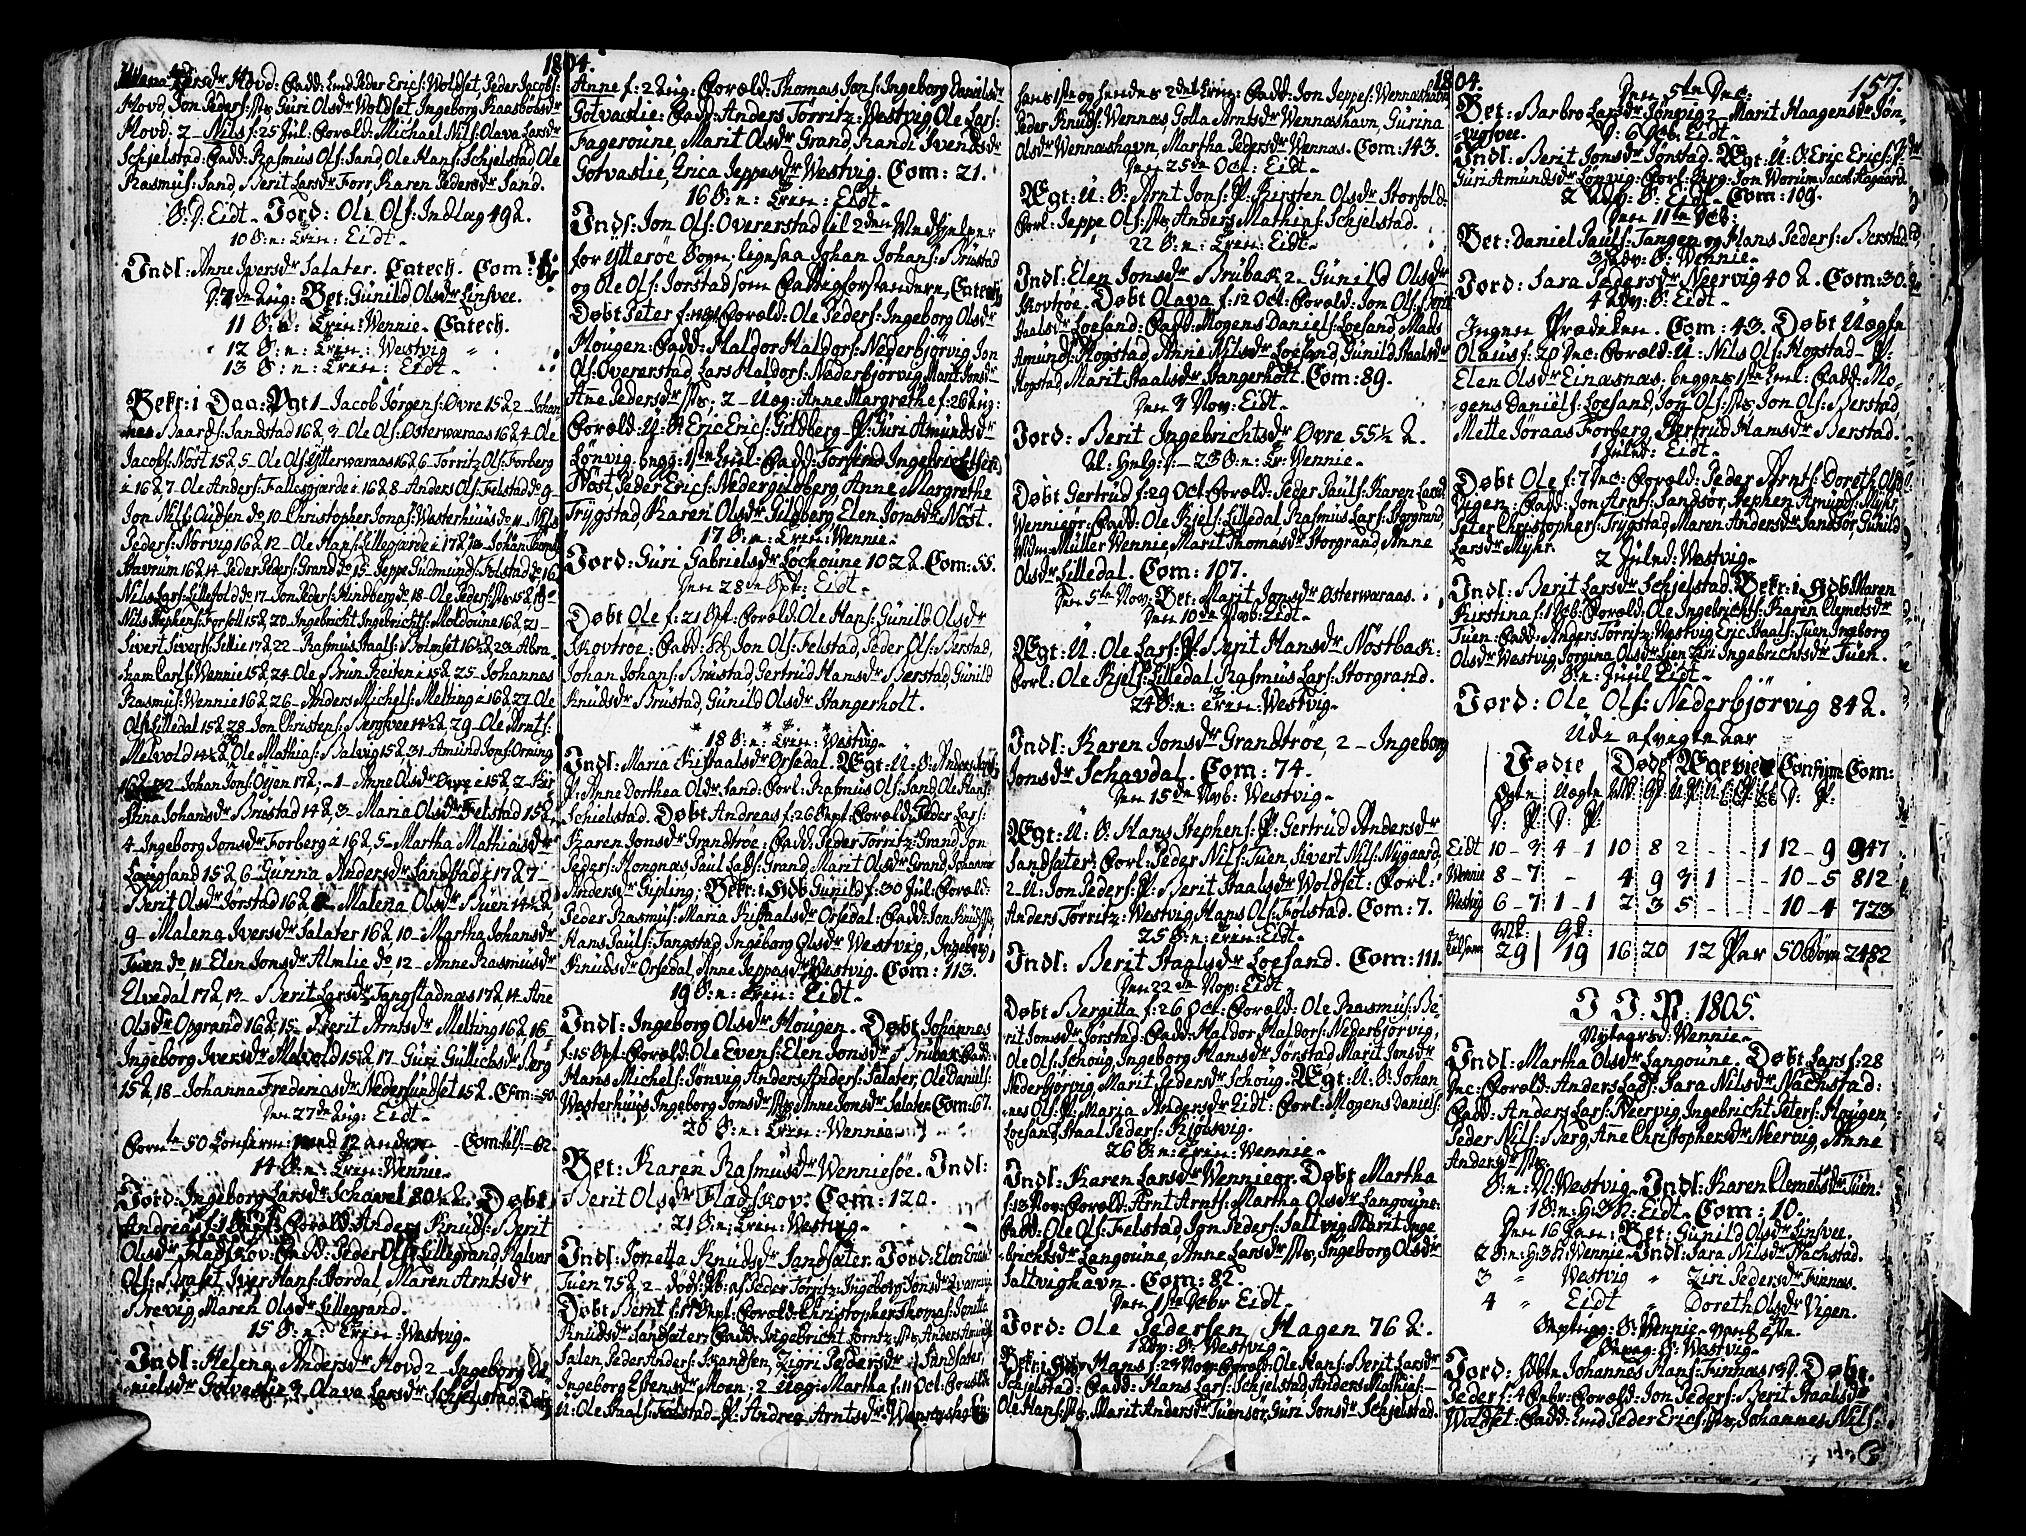 SAT, Ministerialprotokoller, klokkerbøker og fødselsregistre - Nord-Trøndelag, 722/L0216: Ministerialbok nr. 722A03, 1756-1816, s. 157